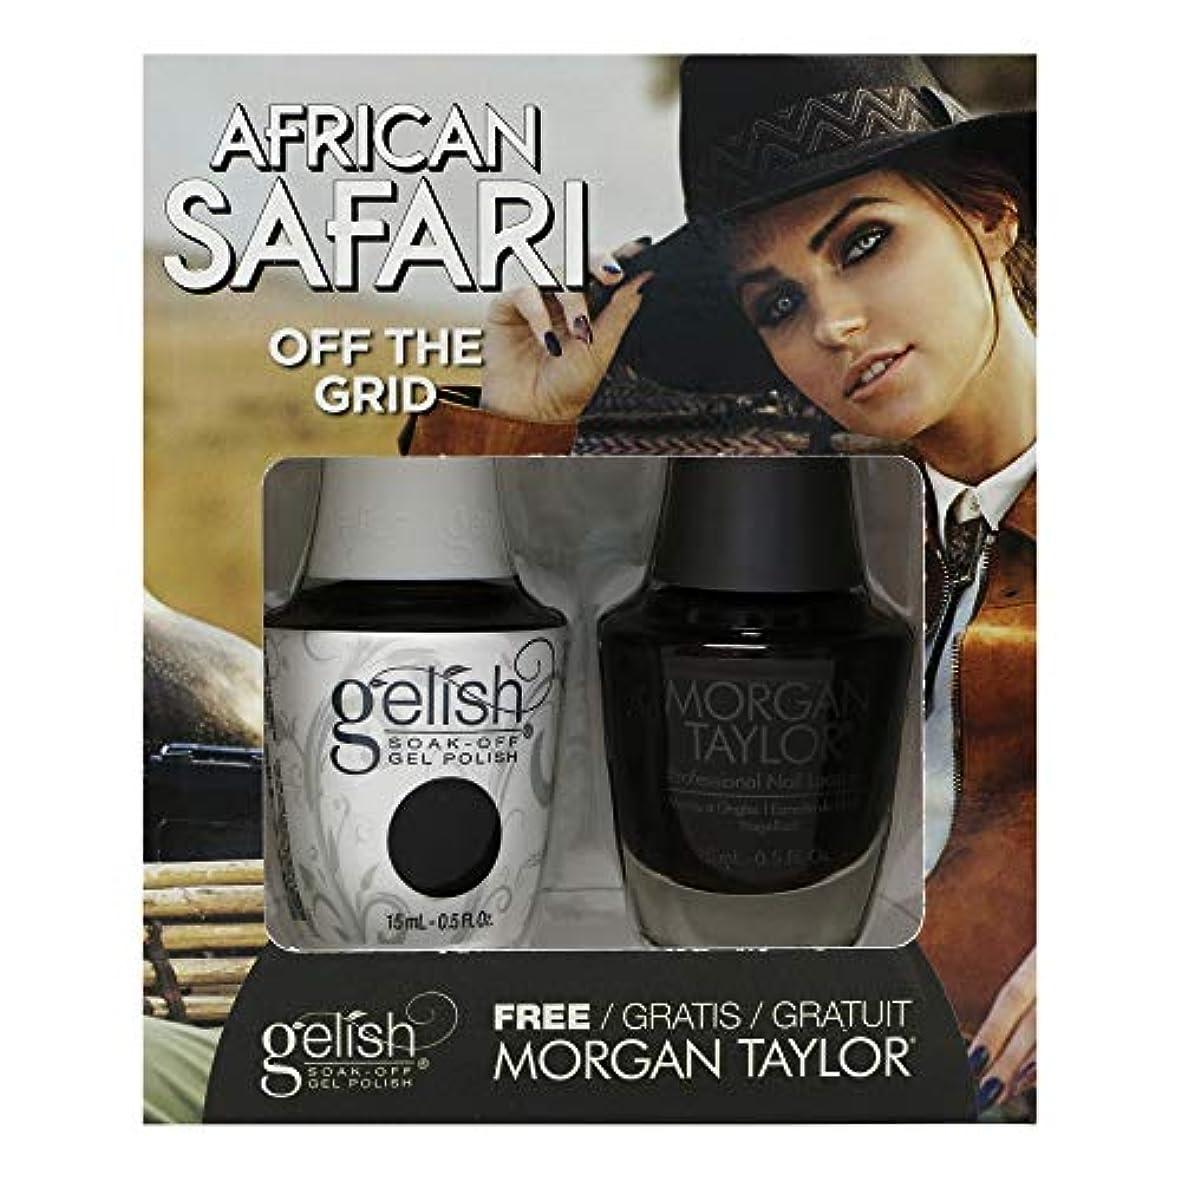 鉛筆帰するバスケットボールGelish - Two of a Kind - African Safari Collection - Off The Grid